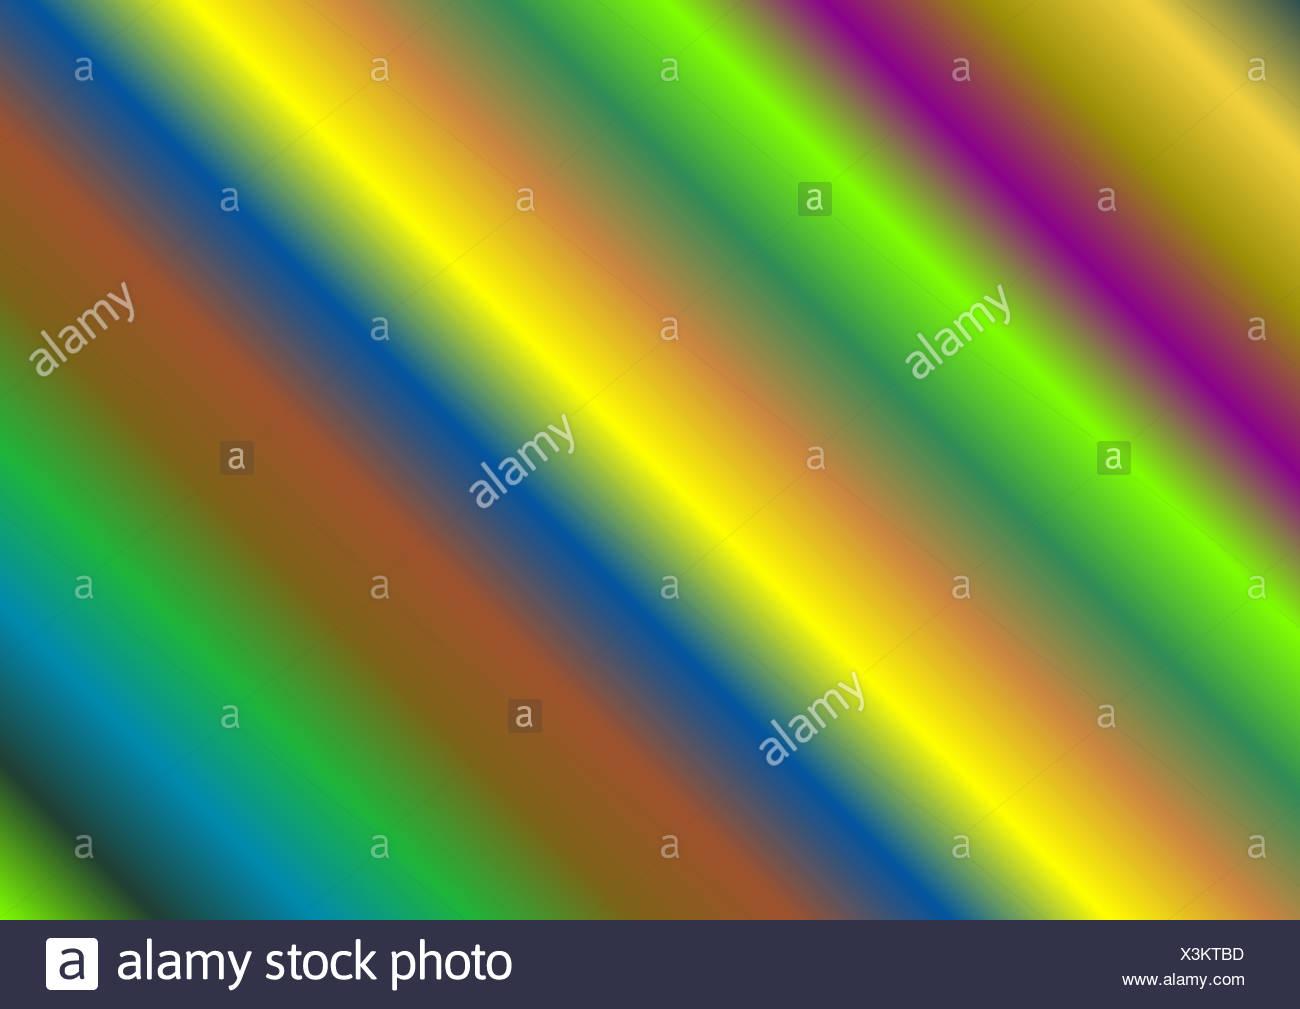 Fond D Ecran Arc En Ciel Neon Lignes Lumineuses Texture De Couleur Neon Art Illustration Photo Stock Alamy